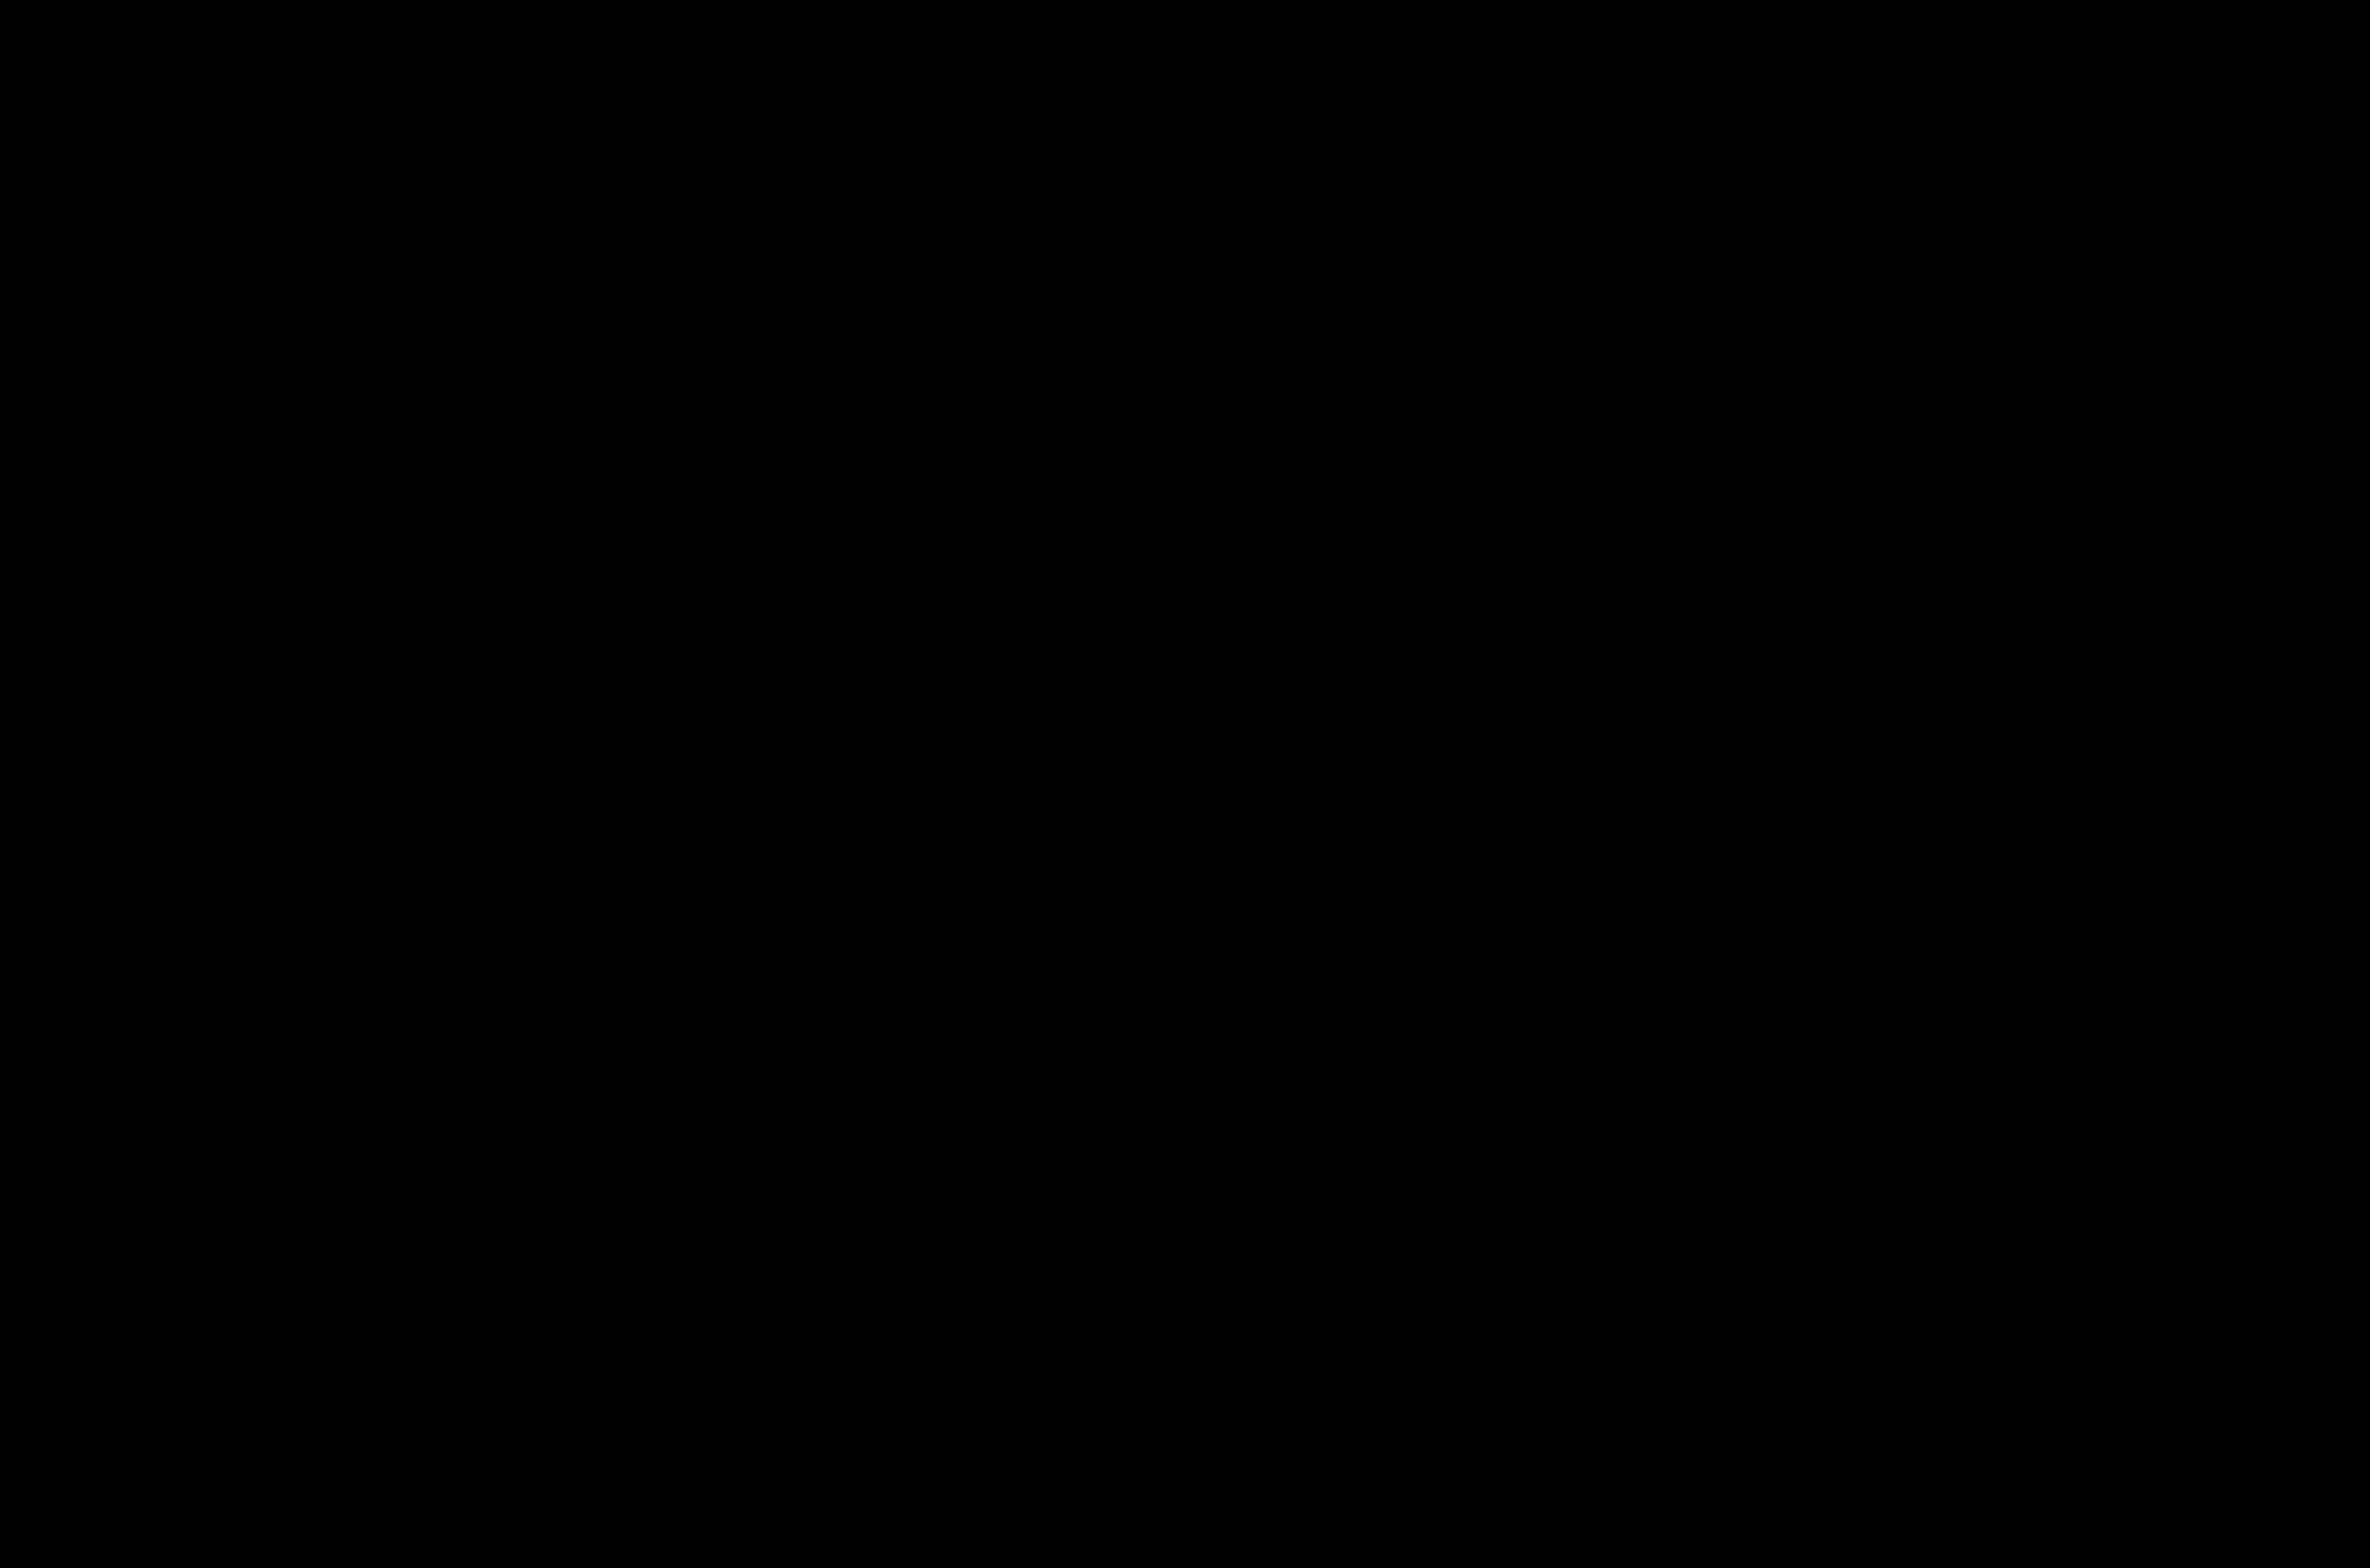 Le 8 Allonge Chaise Longue Design Mobilier De Jardin Design Idees De Design D Interieur